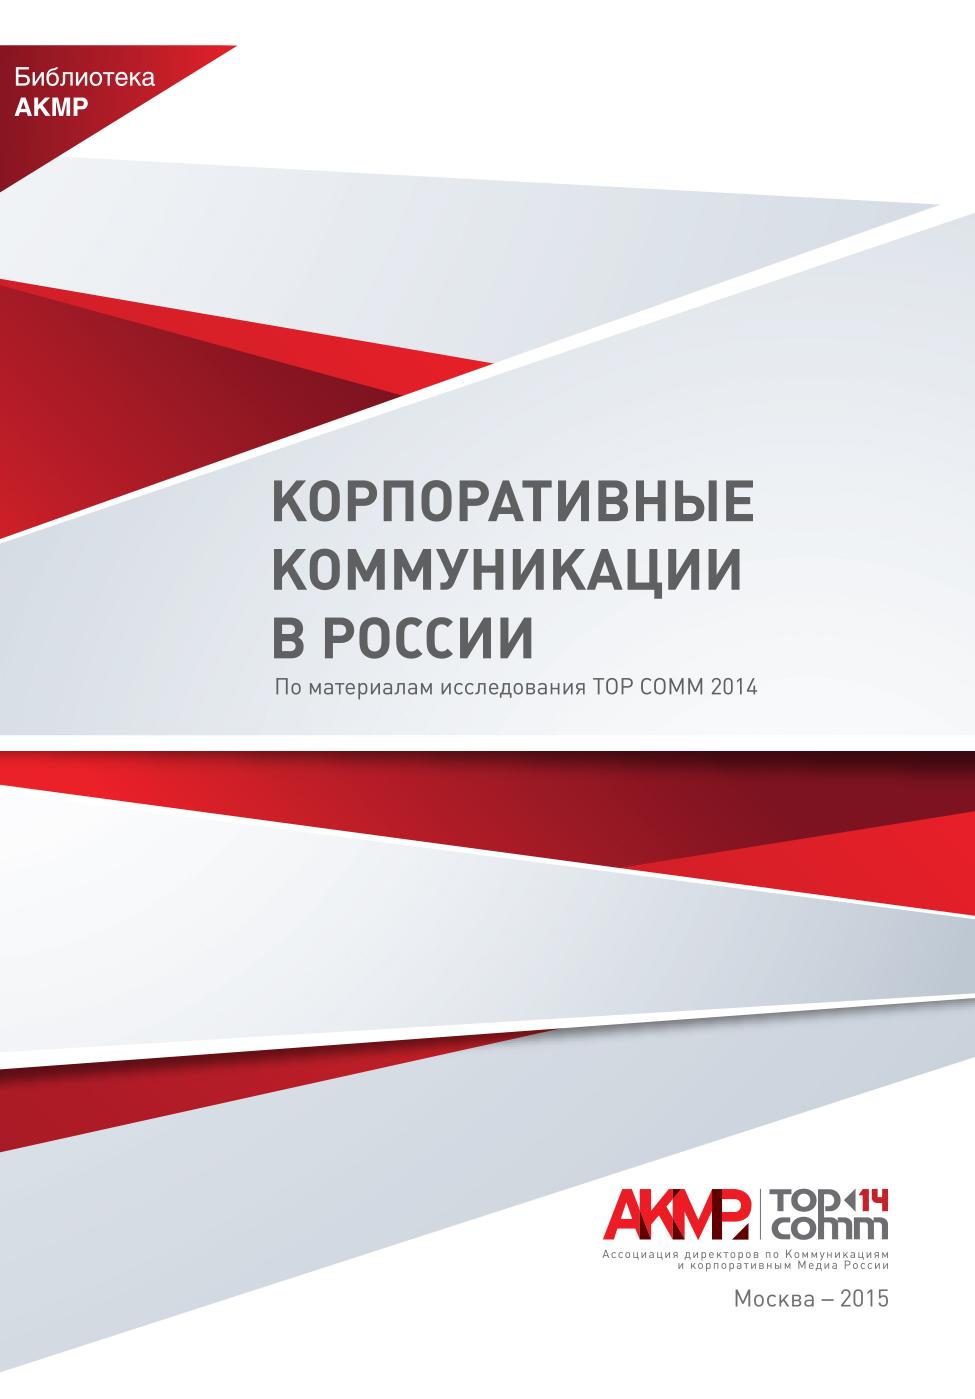 « Корпоративные коммуникации» АКМР отмечены интернациональной премией